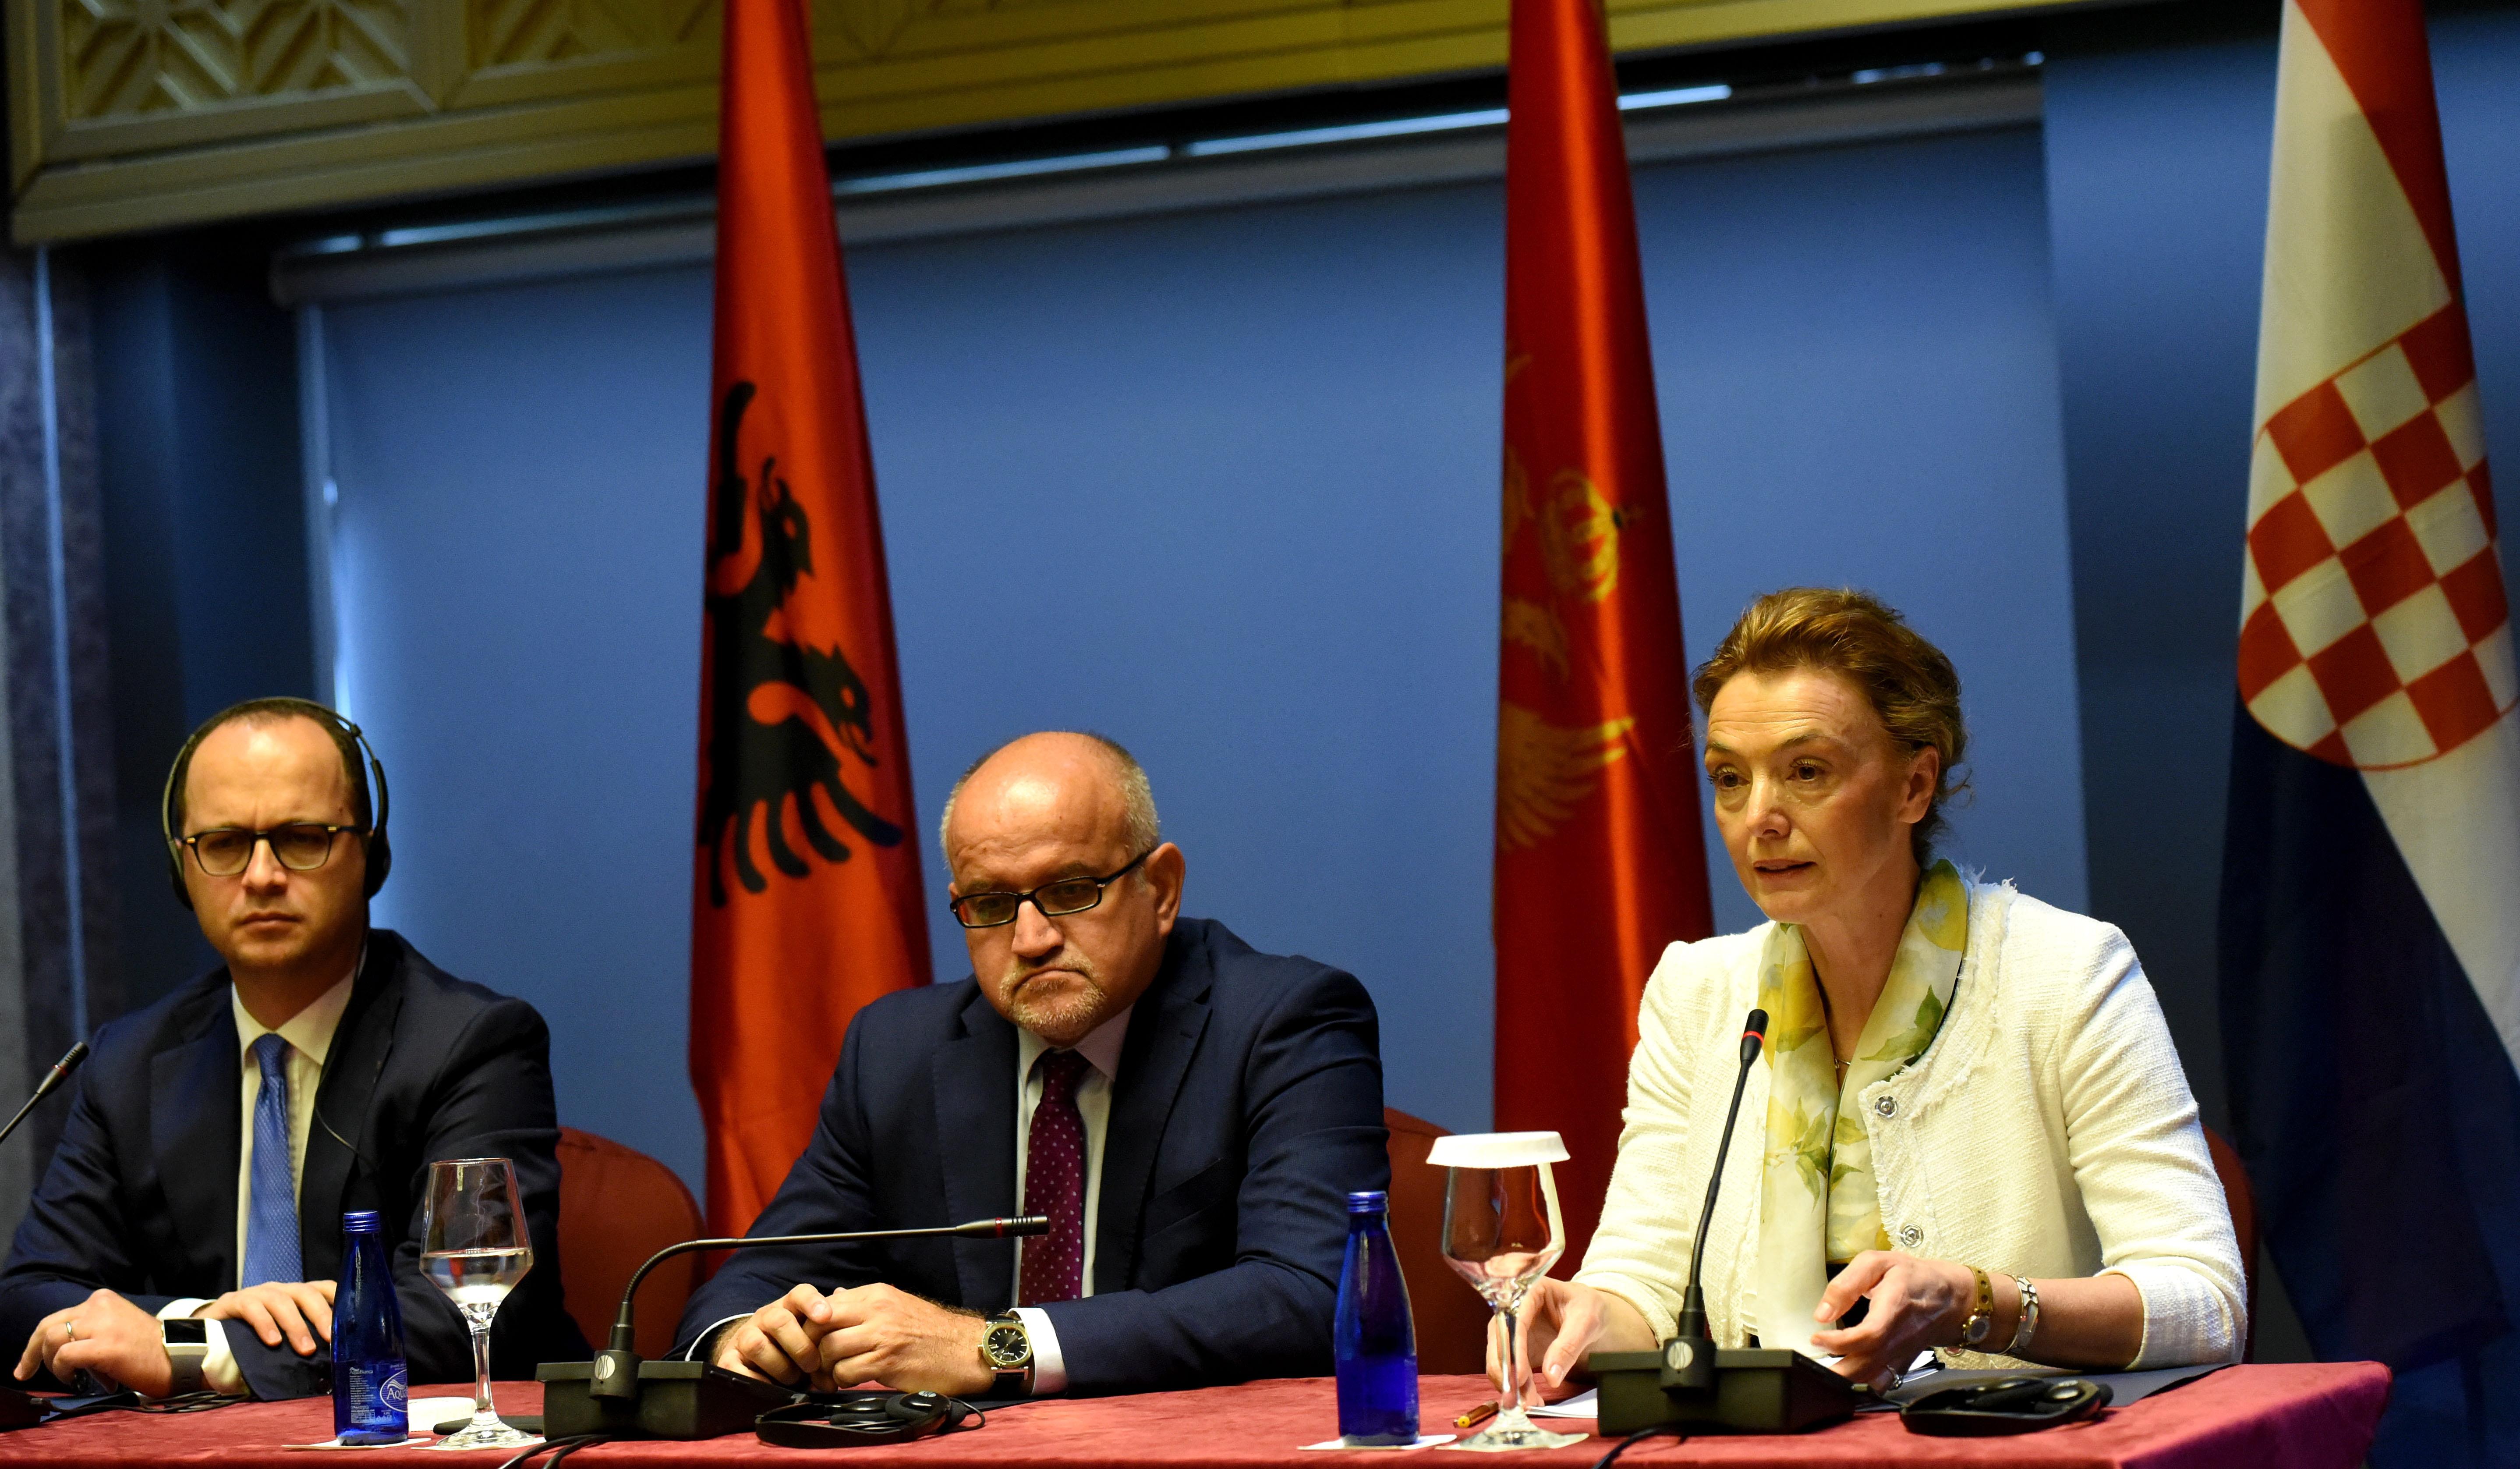 Pejčinović Burić sudjelovala na trećem sastanku ministara vanjskih poslova trilaterale Hrvatska – Albanija – Crna Gora